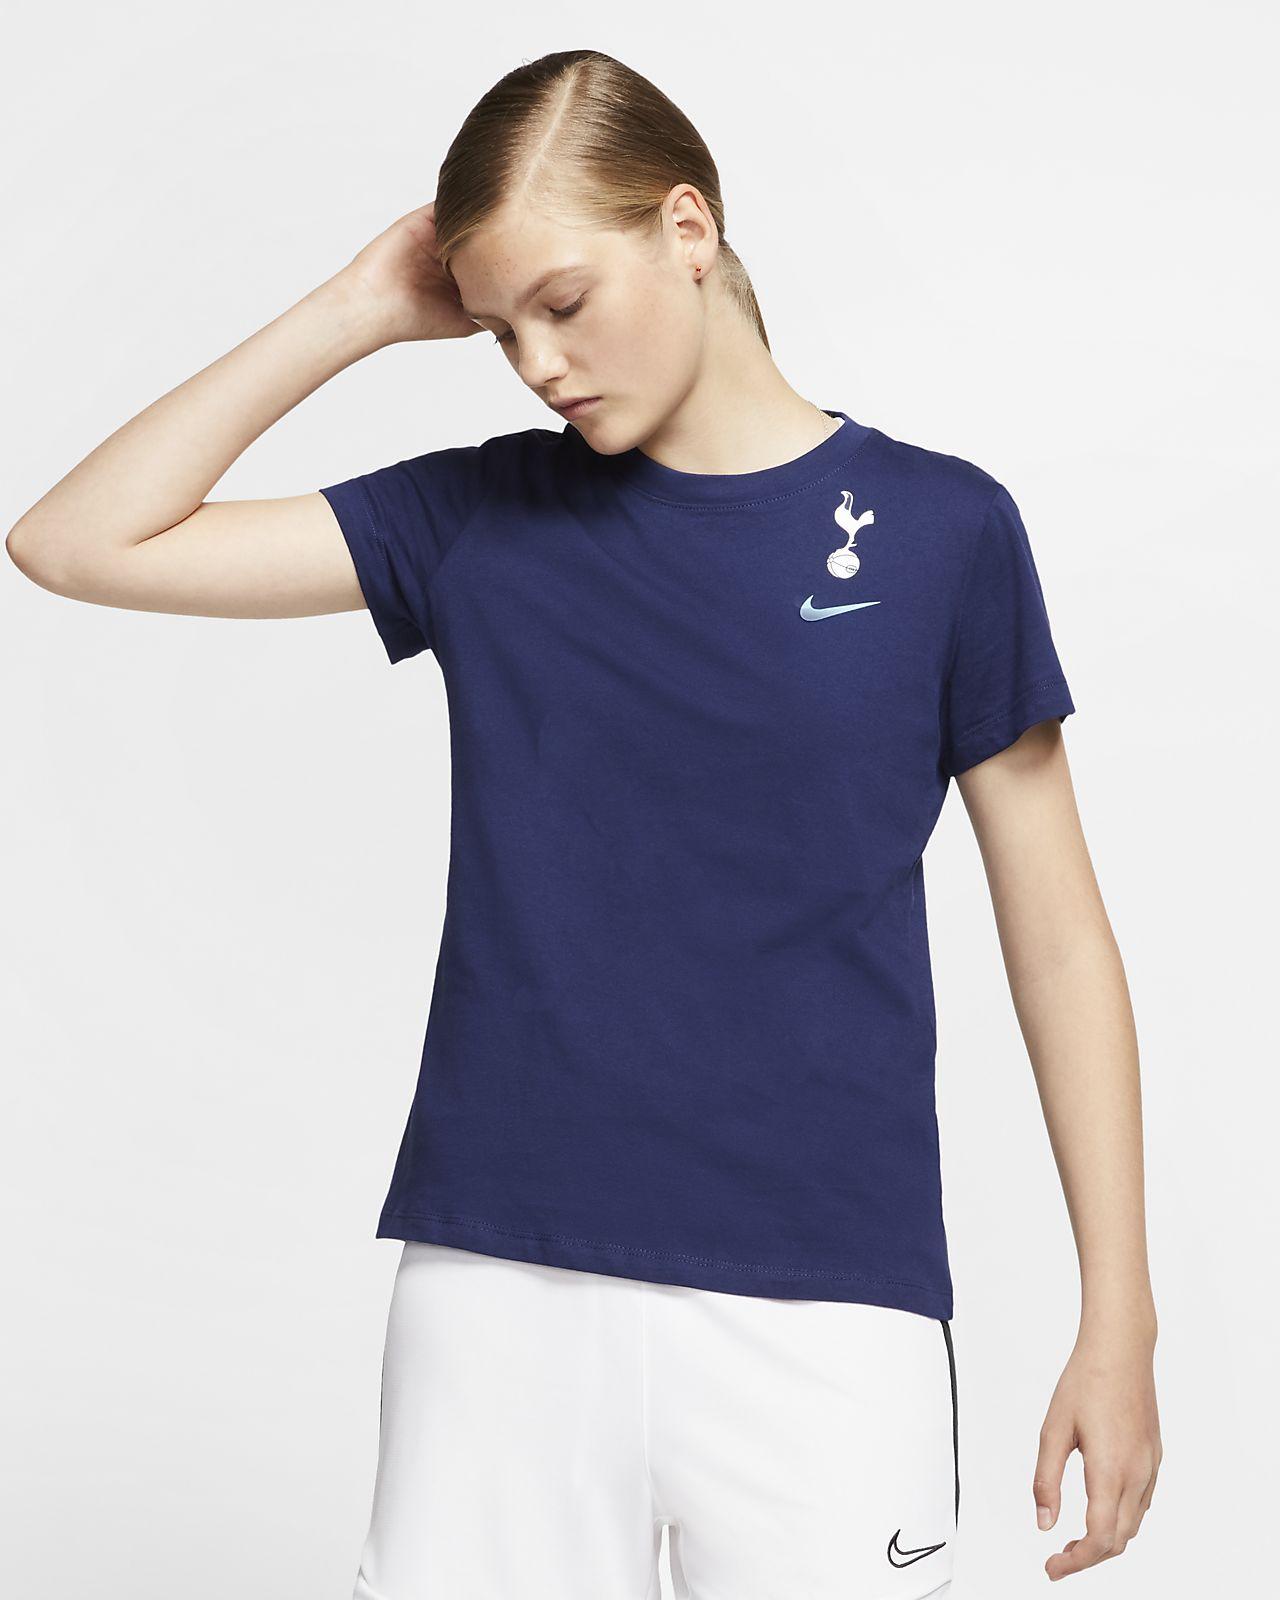 Tottenham Hotspur Women's T-Shirt